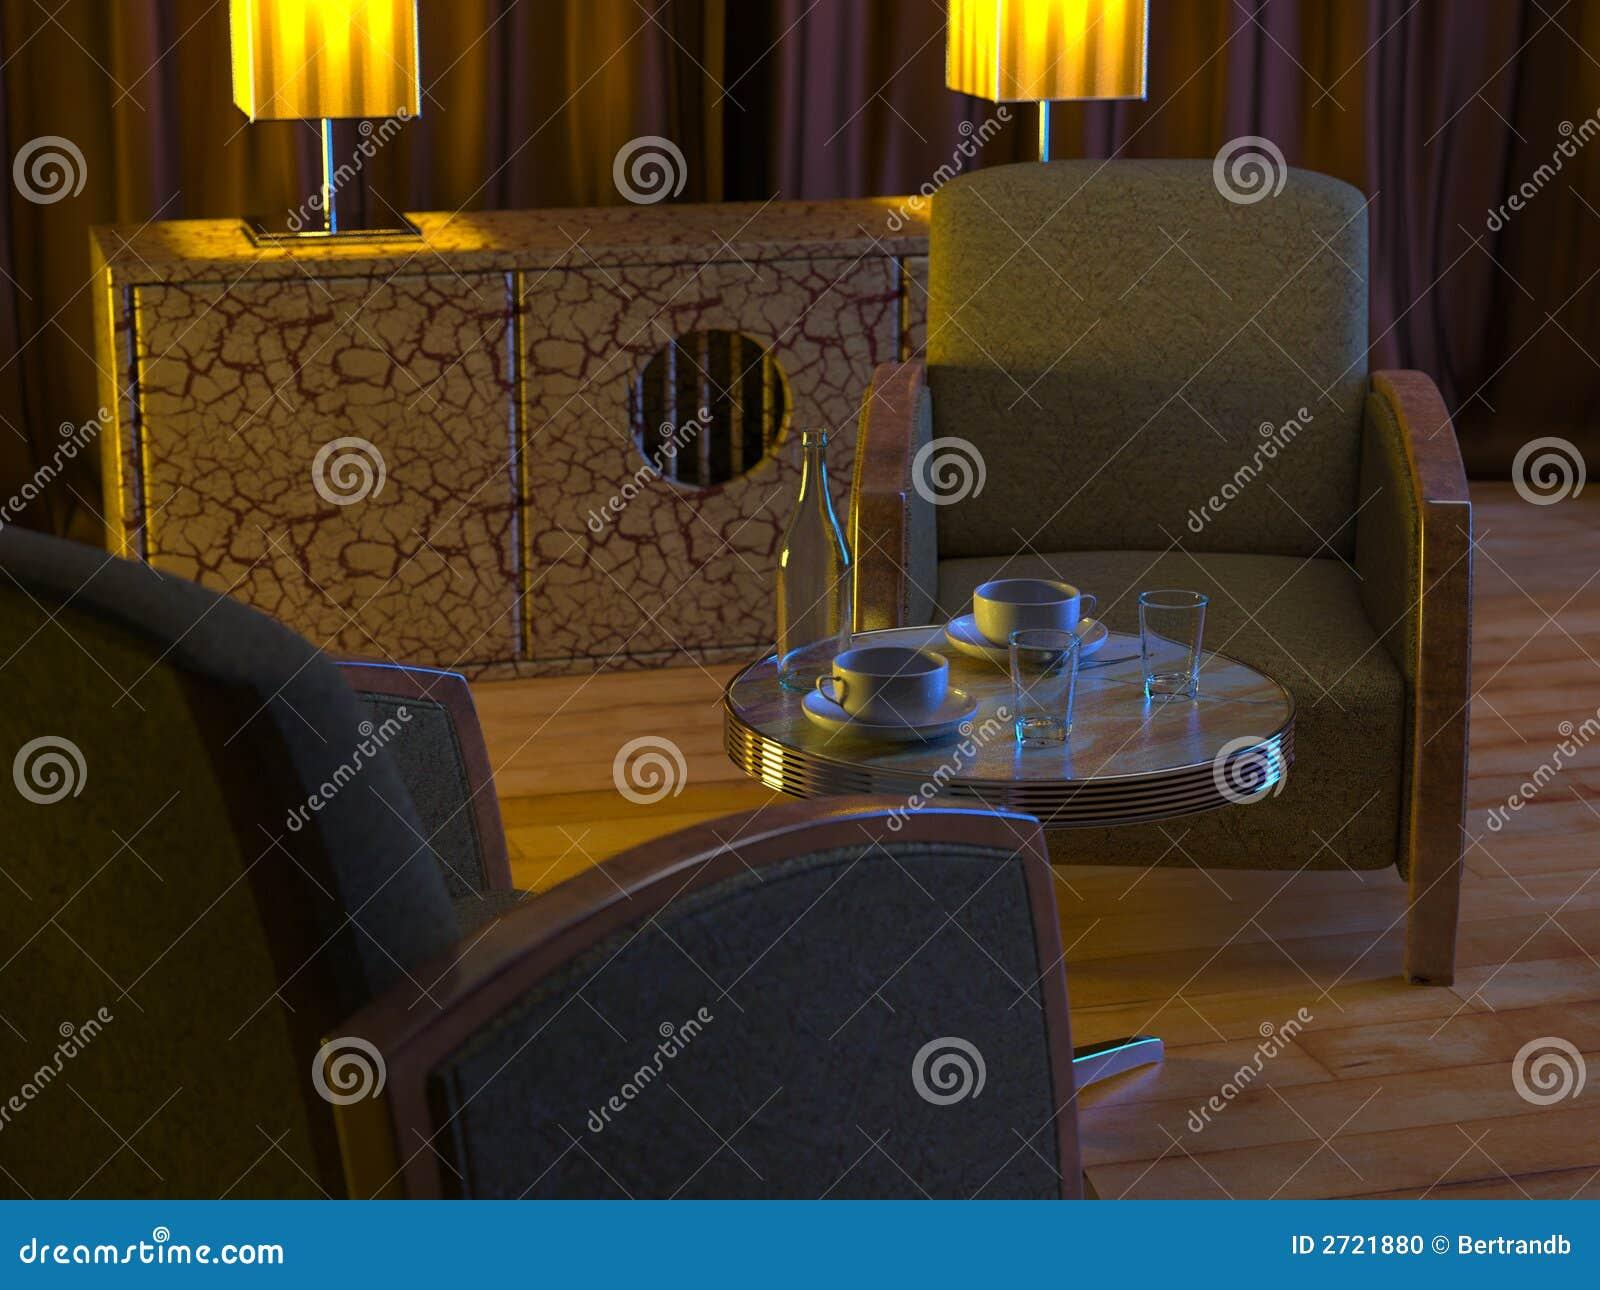 Art Deco Asia Interior